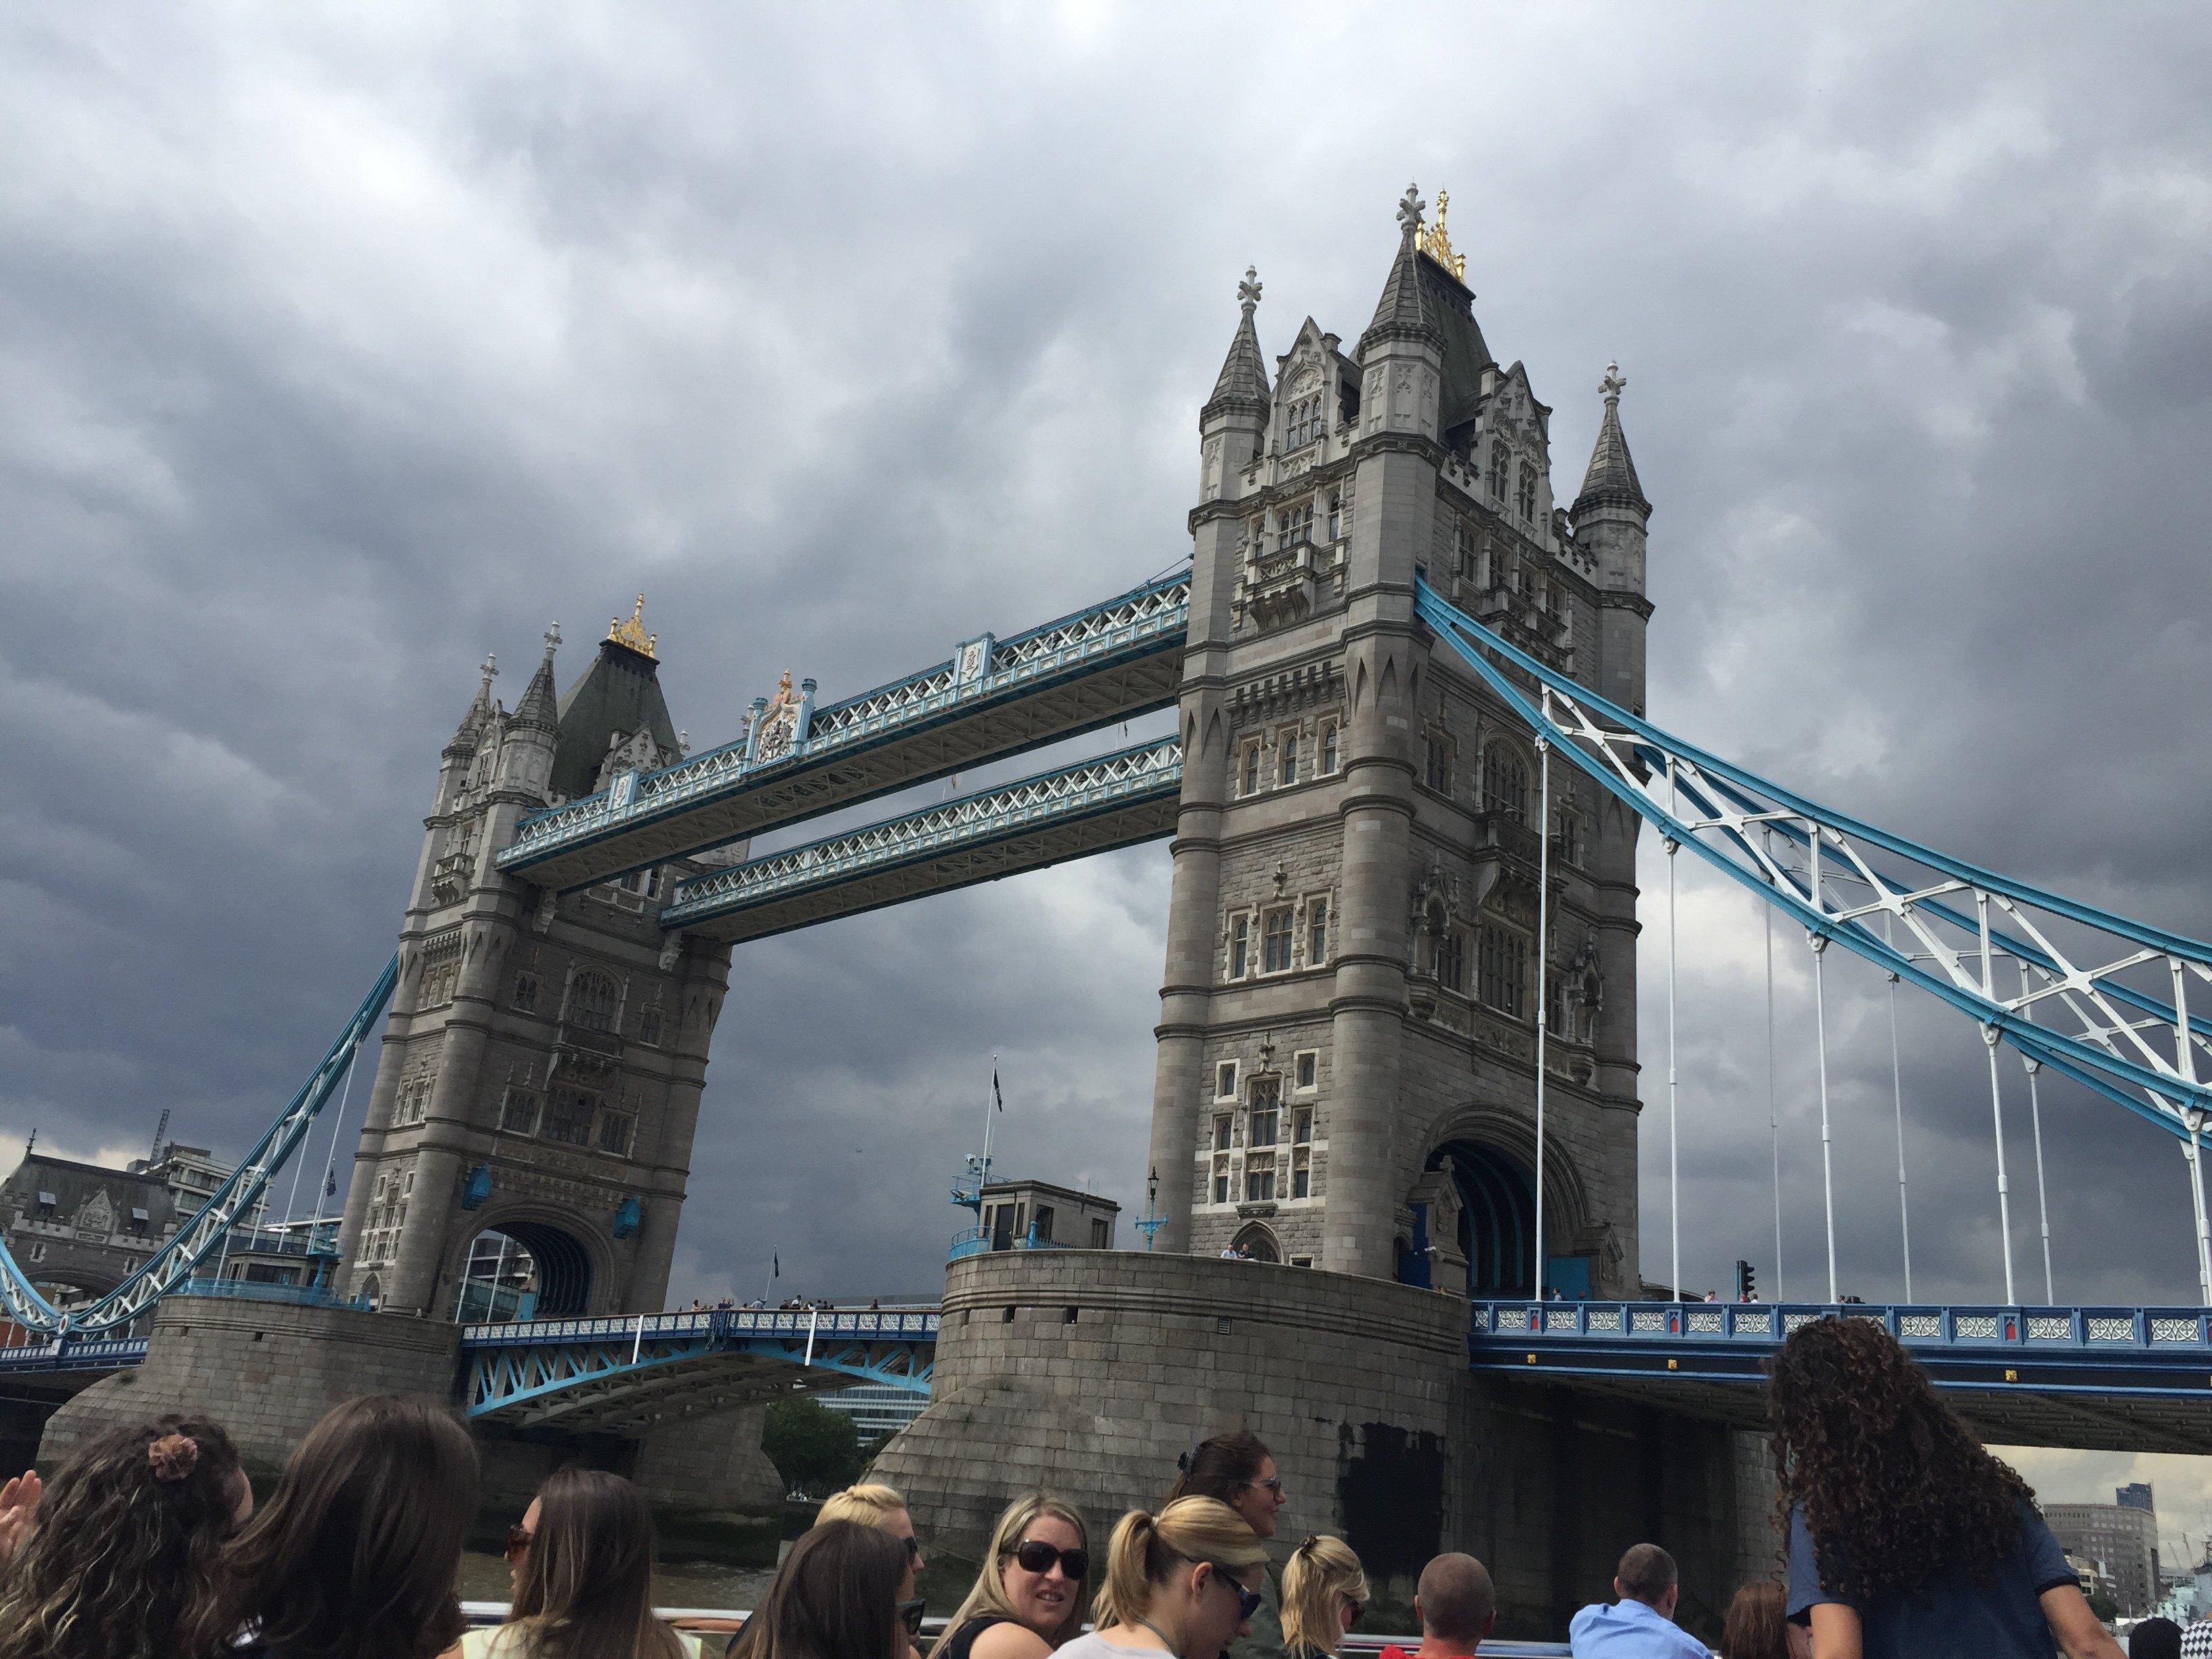 伦敦塔桥 随着渡轮缓缓驶向下一站